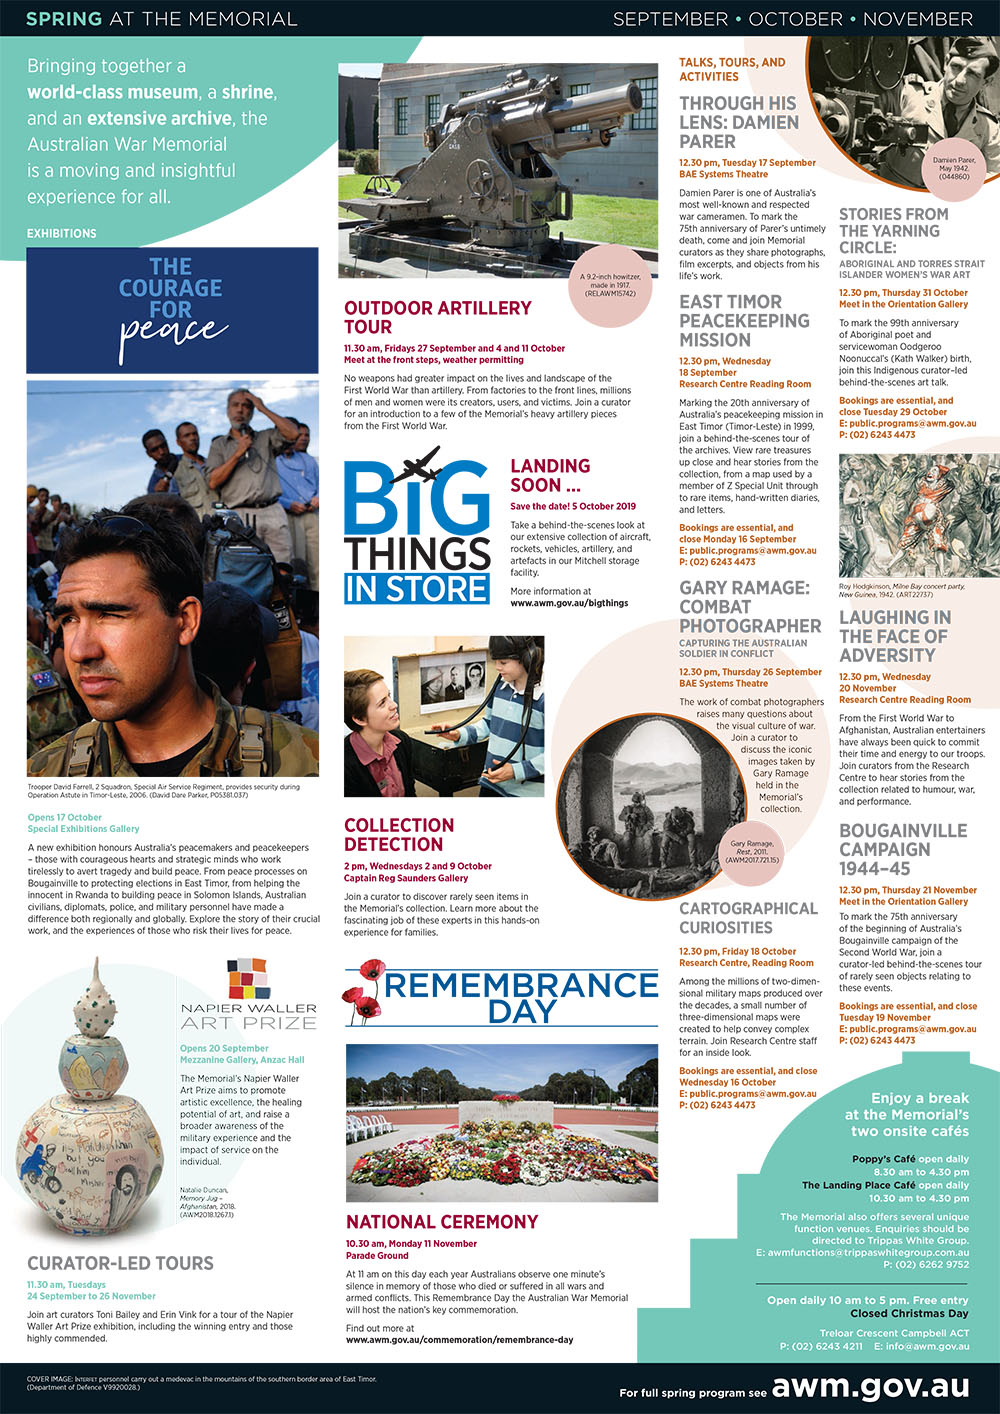 Australian War Memorial event calendar for Spring (September to November) 2019.